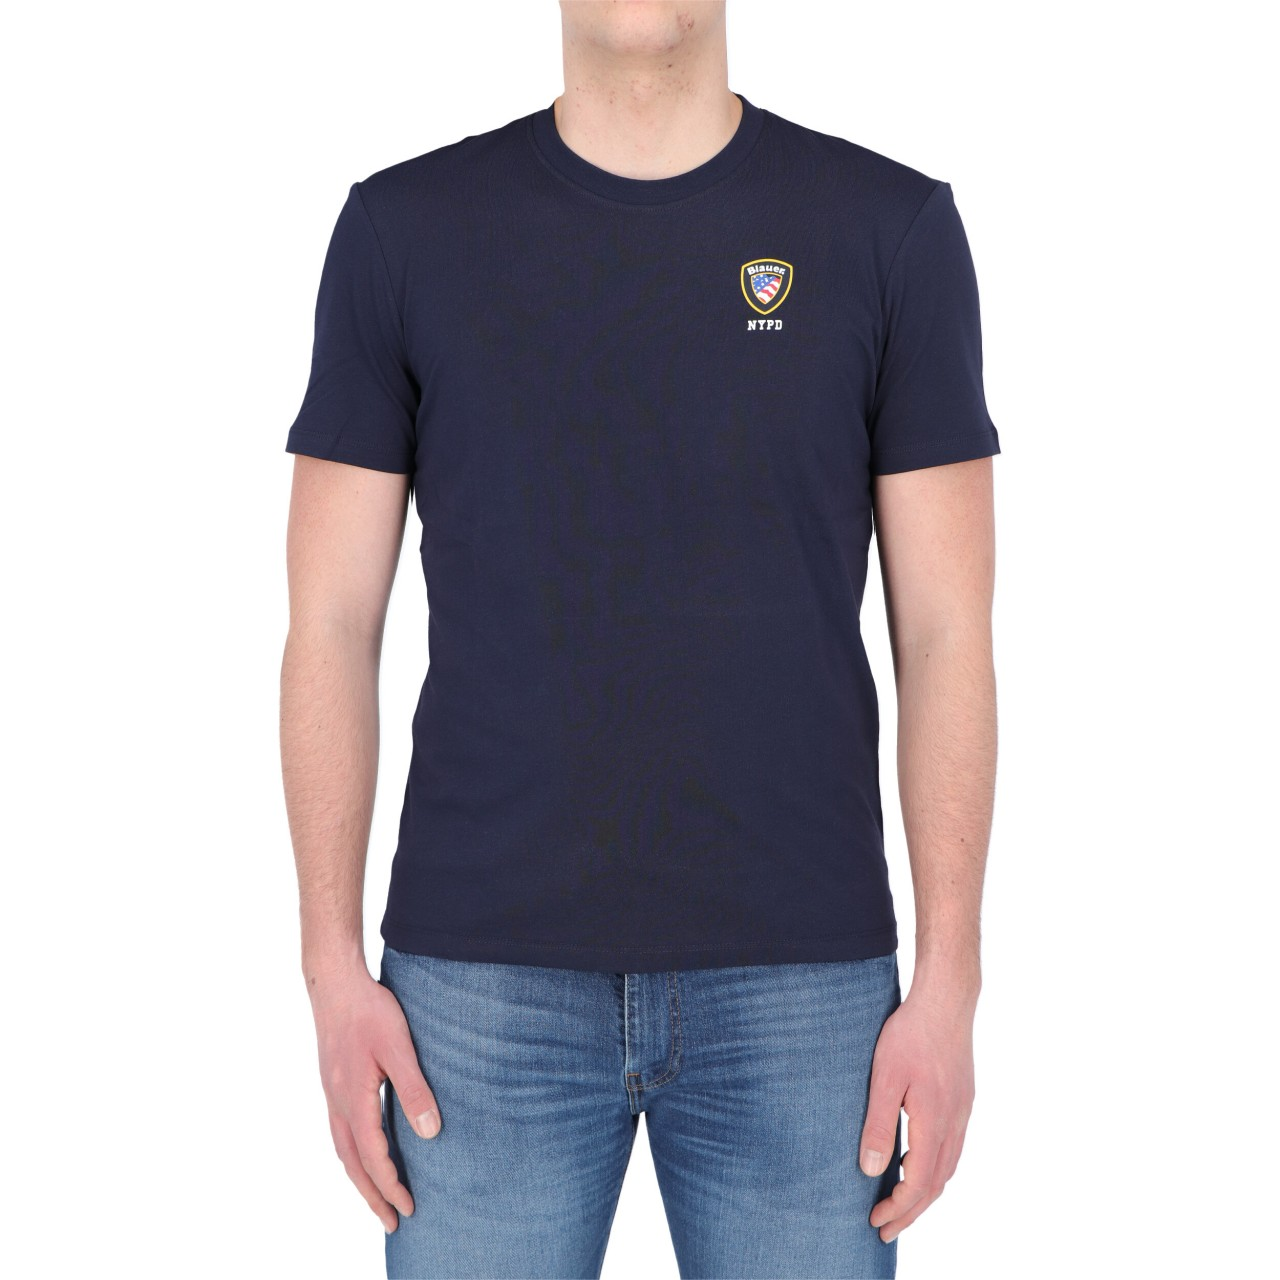 Blauer Uomo Tshirt Blauer Usa Uomo Cotone Stampa 2130P